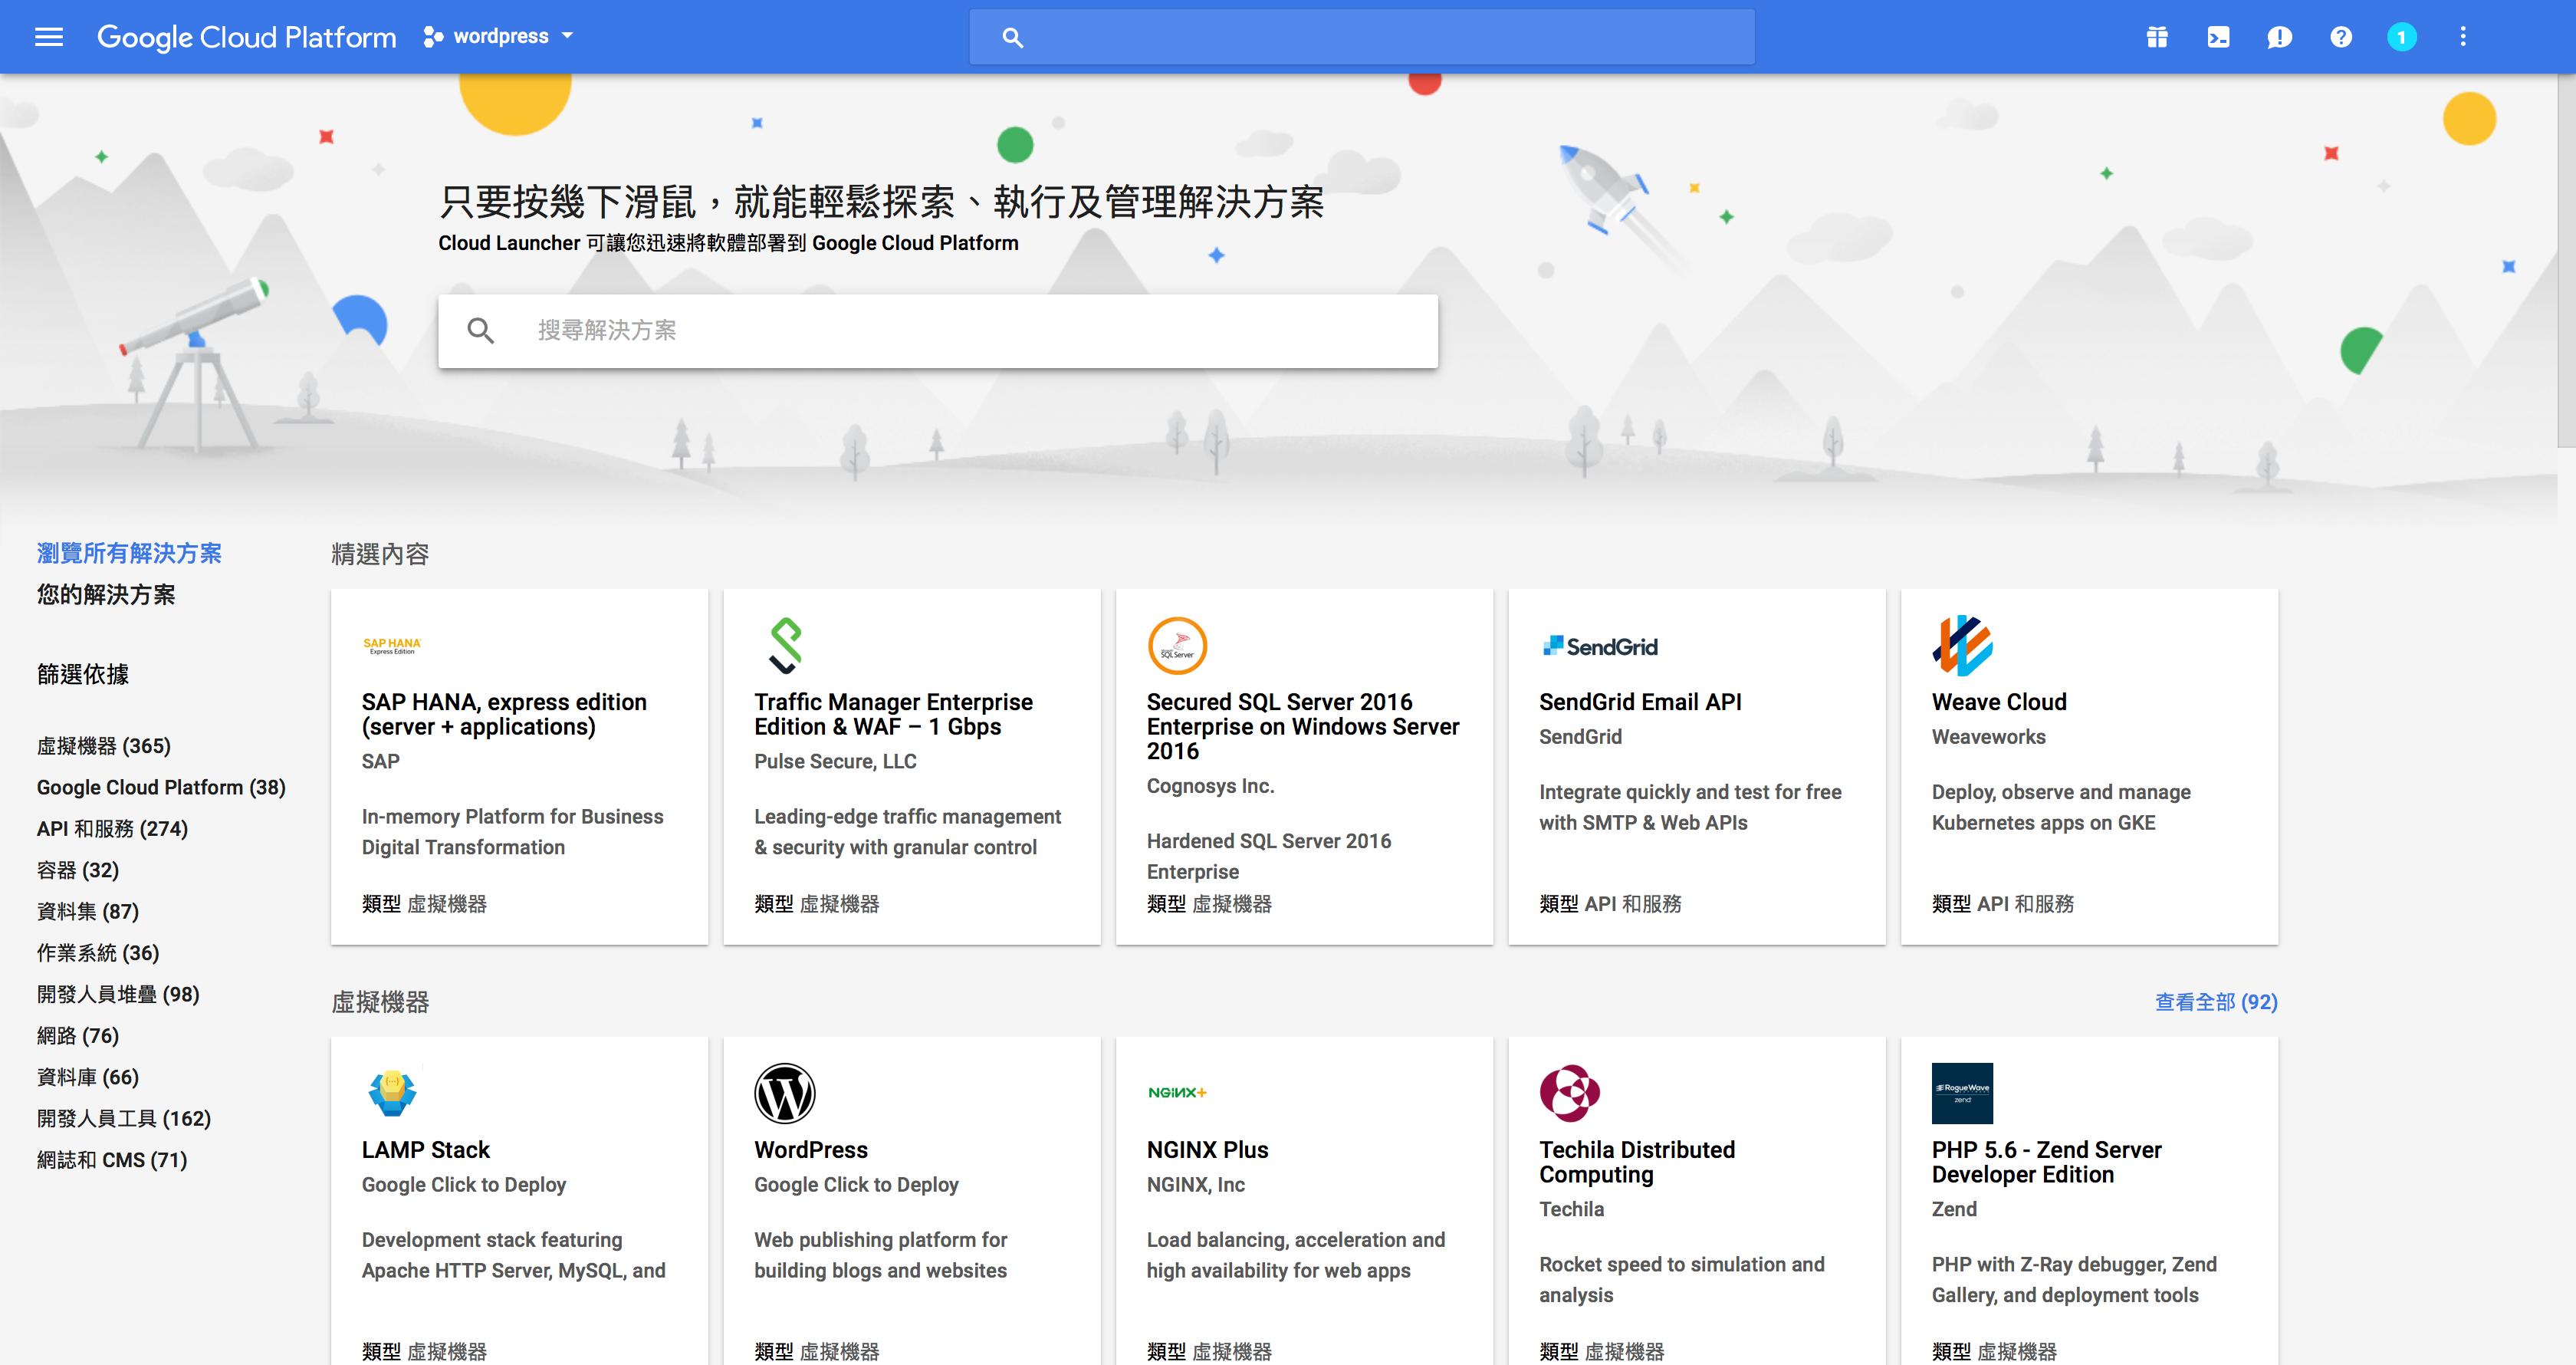 Google Cloud Console - Cloud Launcher